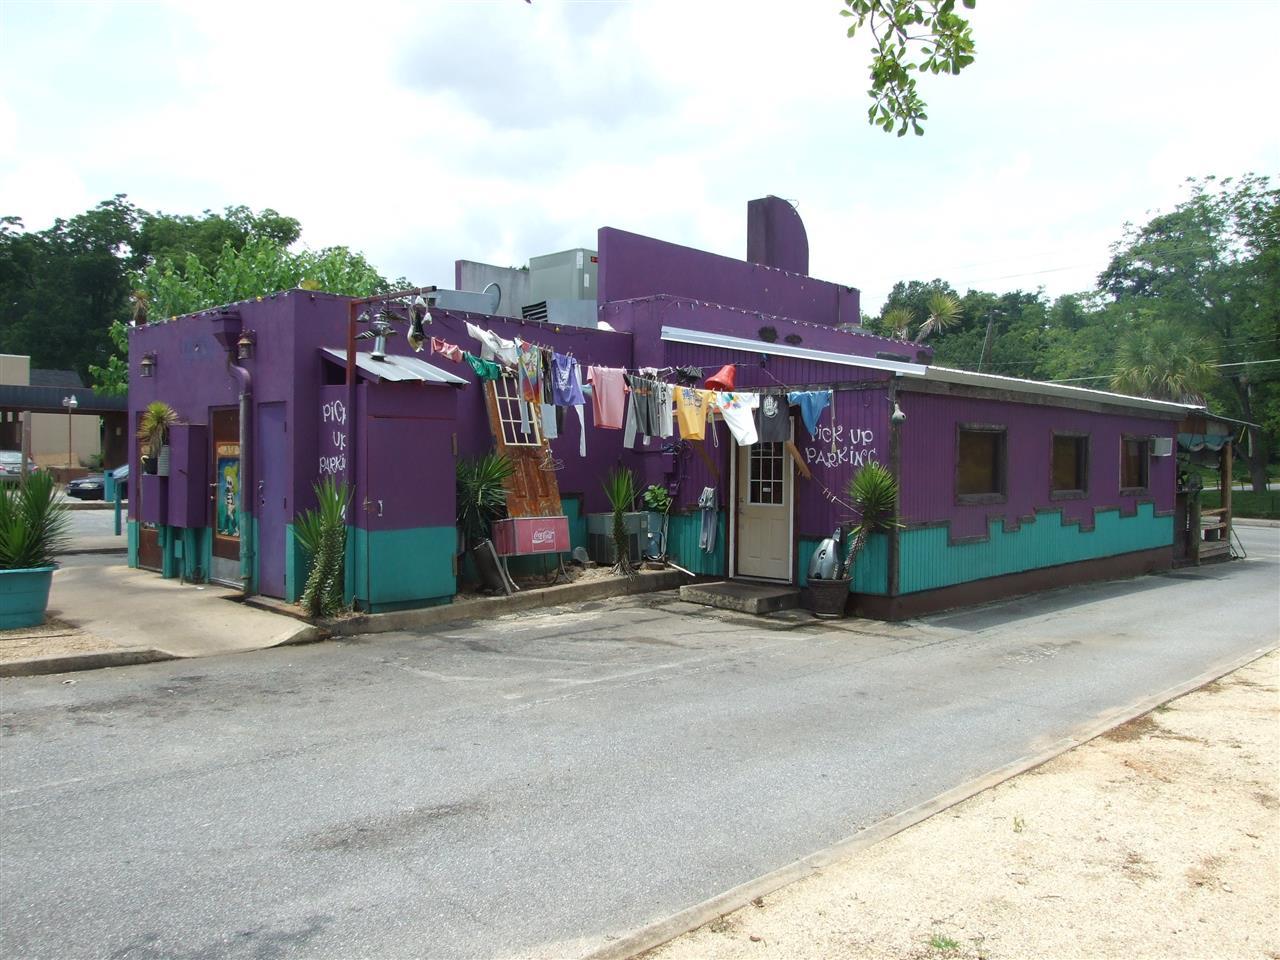 Cali & Titos Resturant, Athens GA